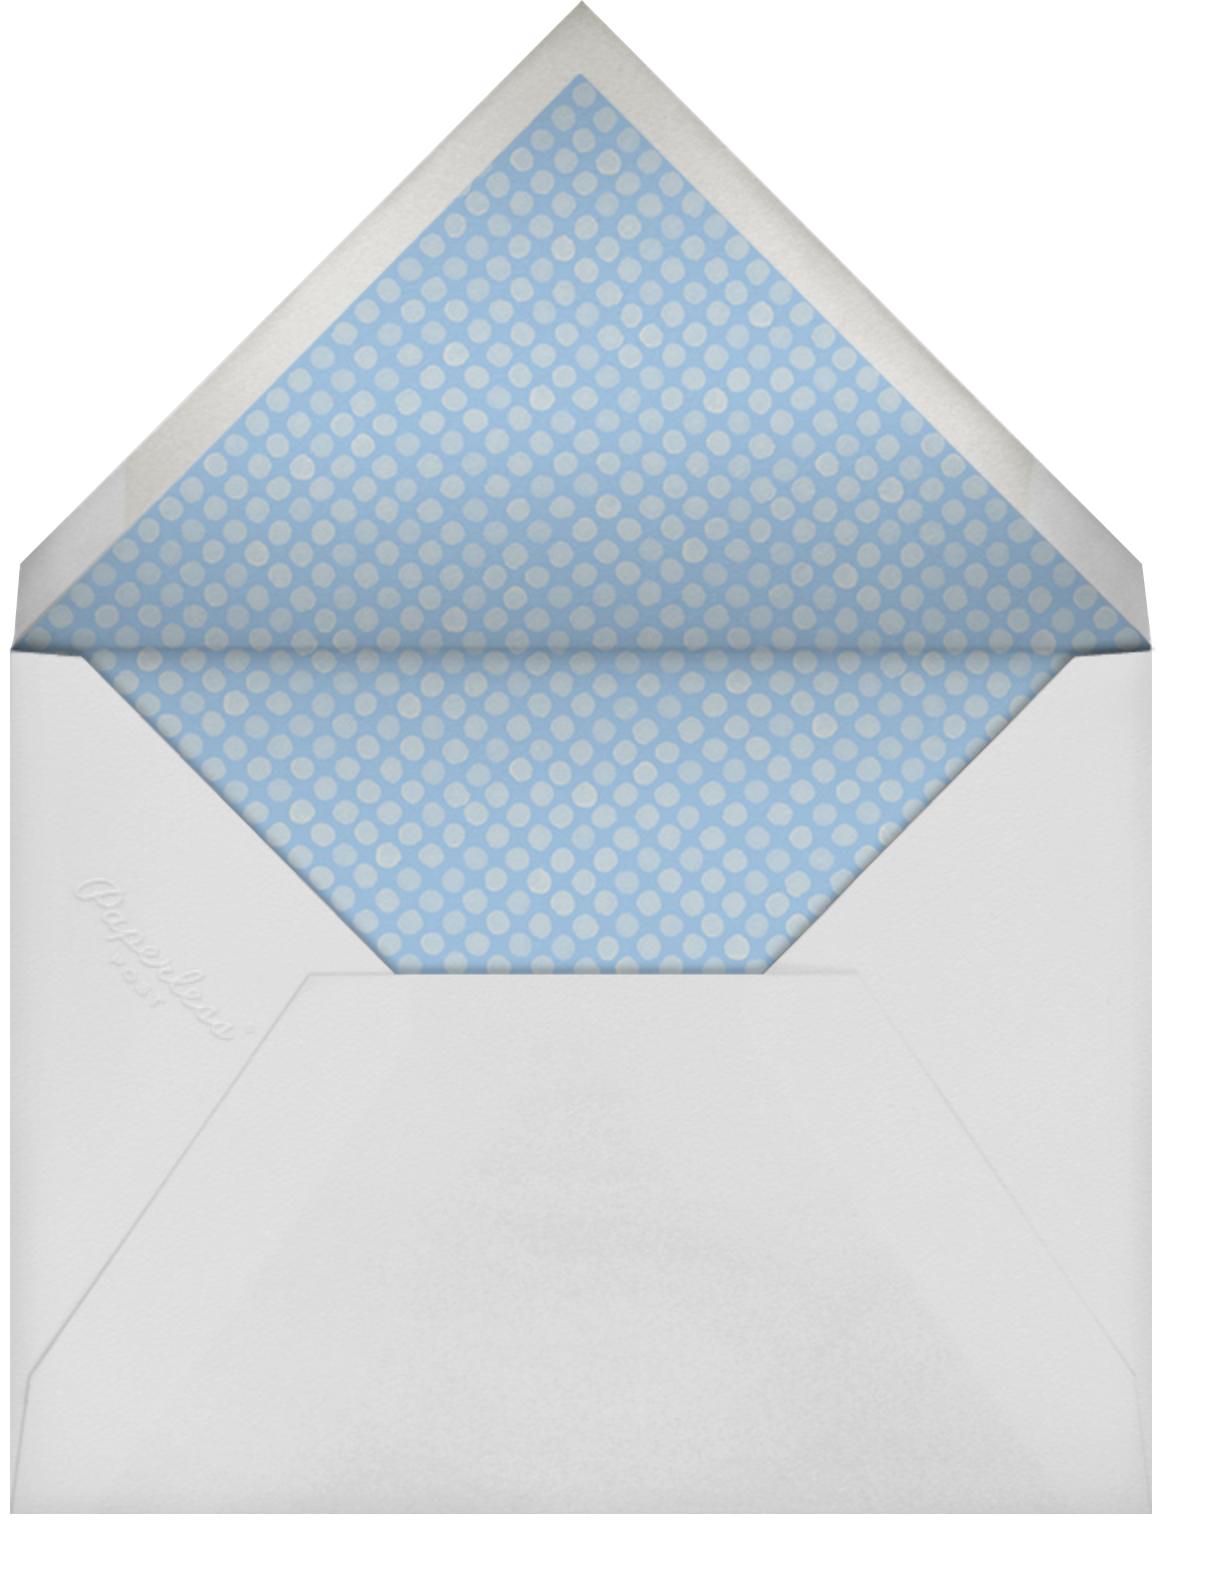 Antique Tub - Paperless Post - Bridal shower - envelope back